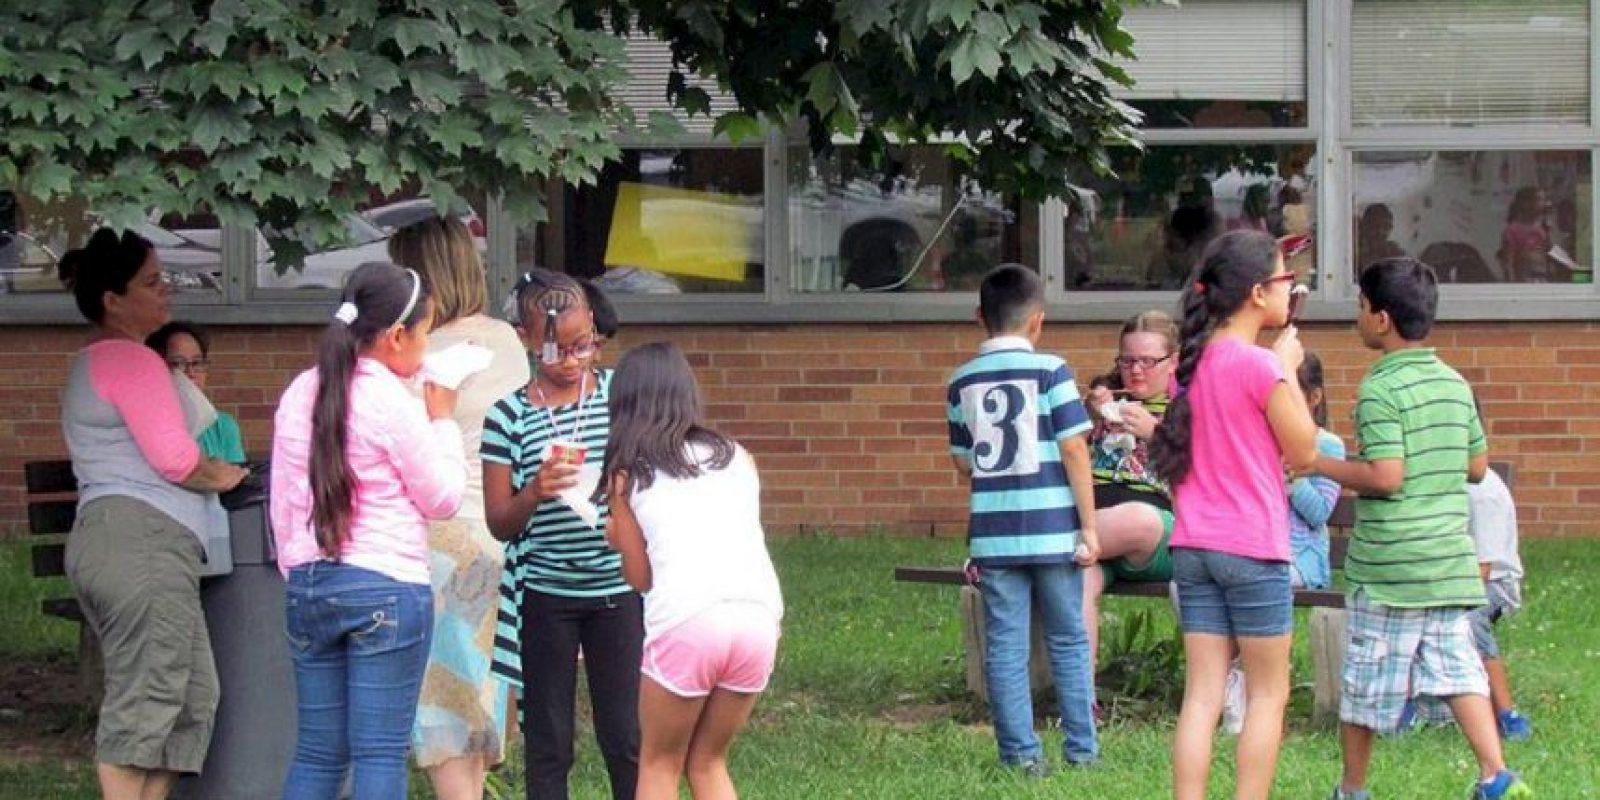 Aunque no se han presentado cargos en su contra, fueron suspendidos de la escuela. Foto:Vía facebook.com/pages/Number-14